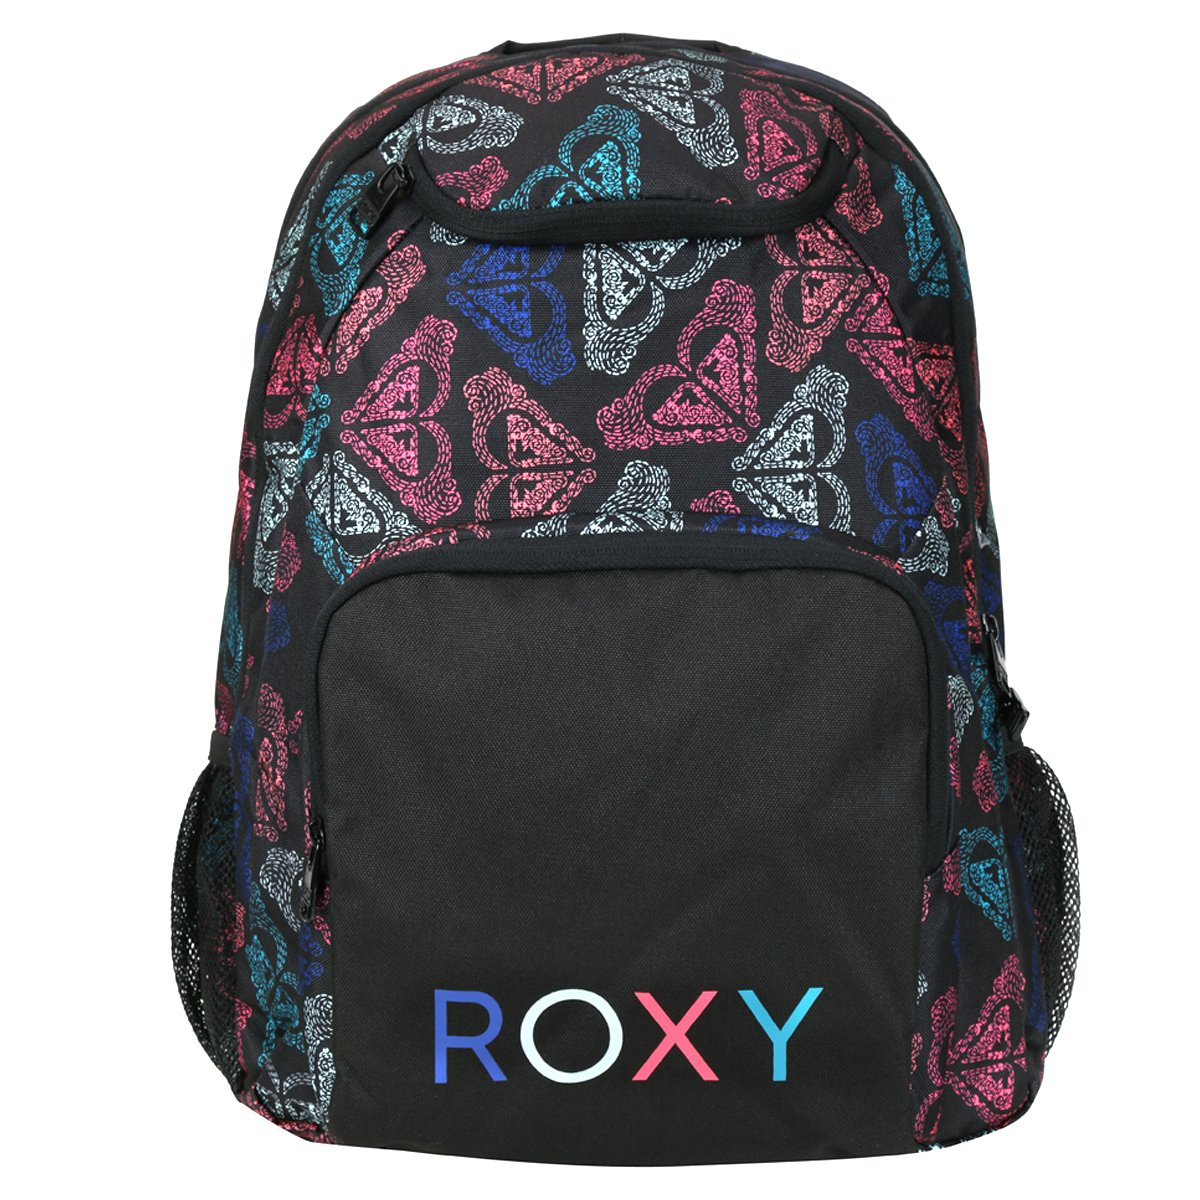 Mochila Roxy Shadow Swell Logo - Compre Agora  ea1afb1ae0f